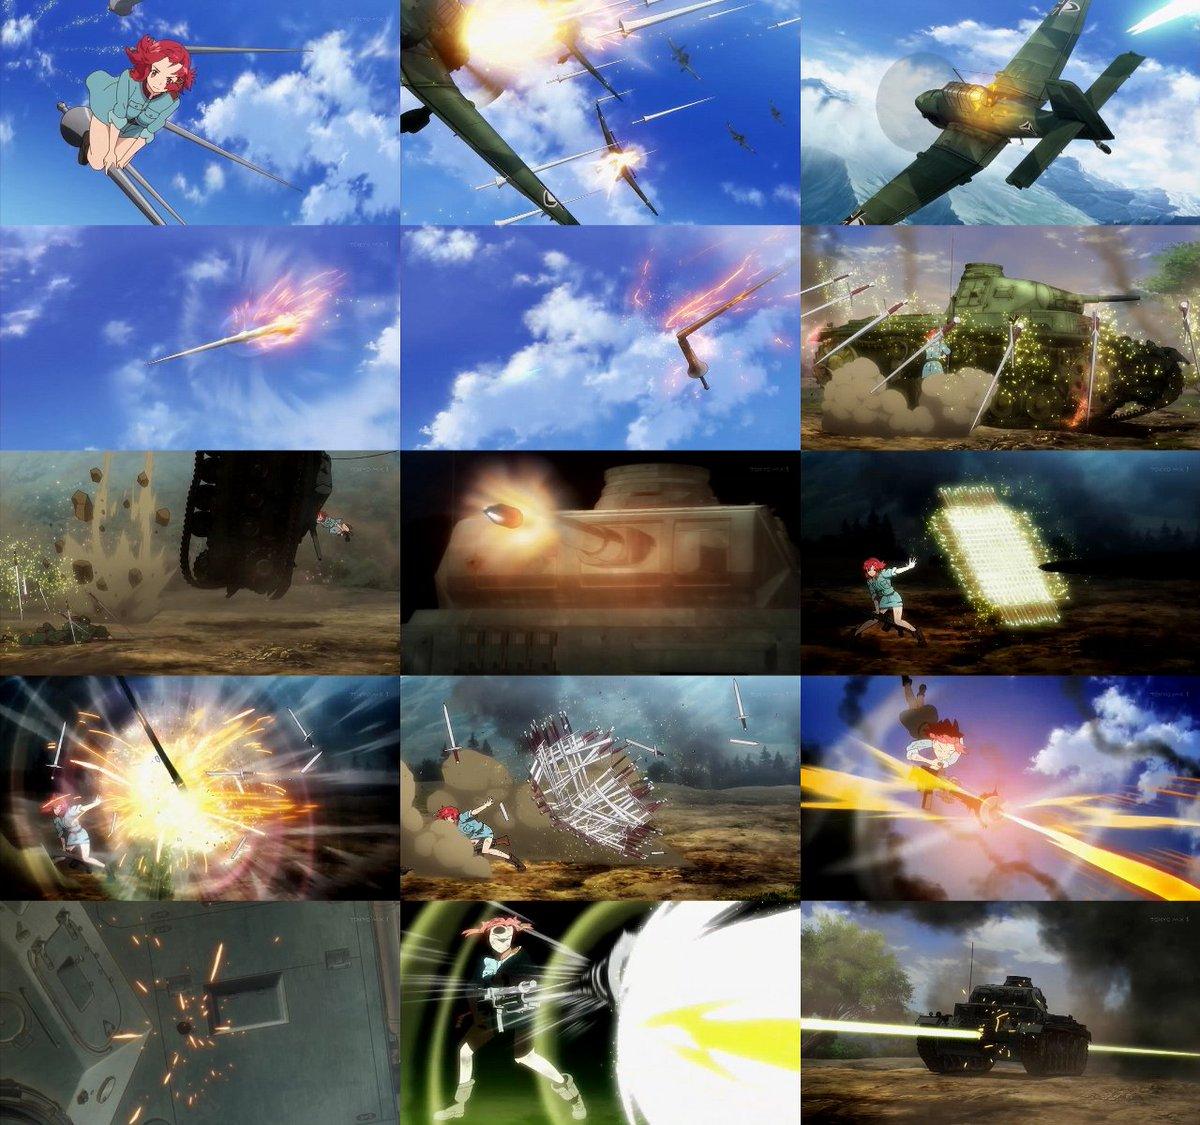 終末のイゼッタの戦闘が好み過ぎてヤバいよコンチキショー。こりゃBD買っちゃうぞ。(まさしくの)マジックミサイルで非装甲の